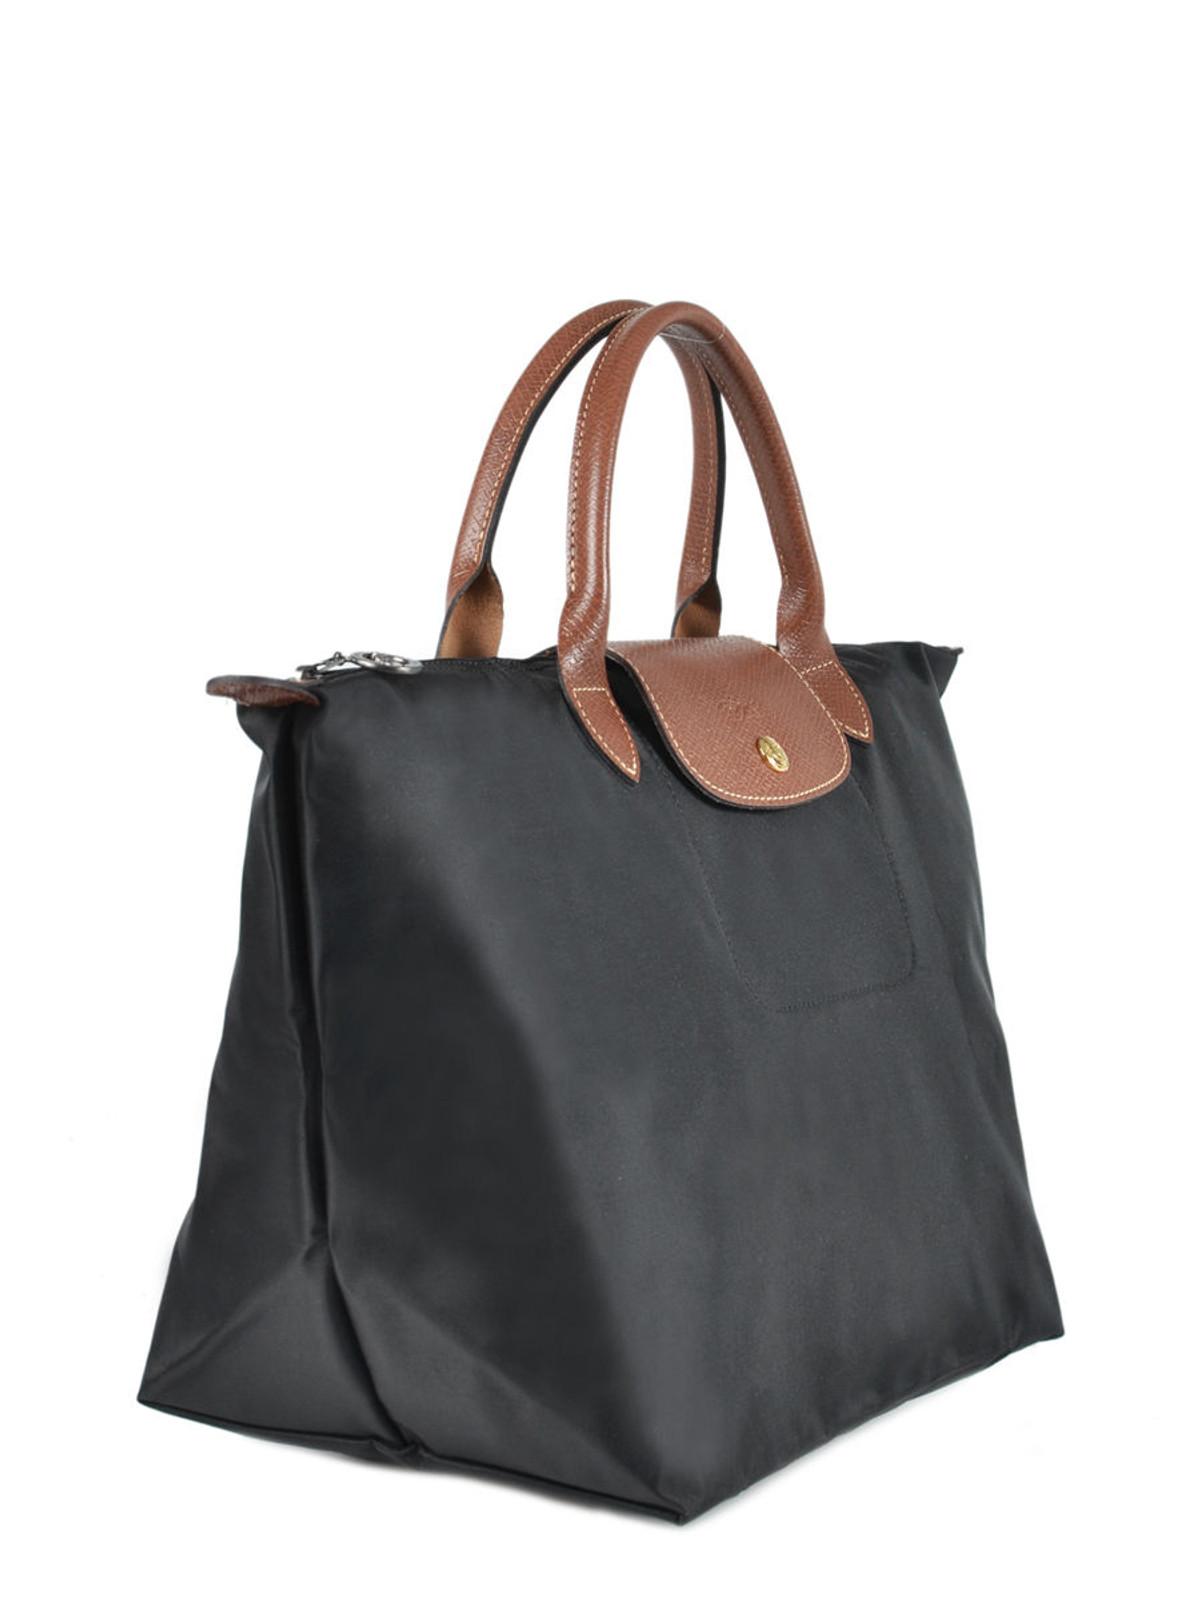 Le Pliage Medium Top Handle Bag in Black